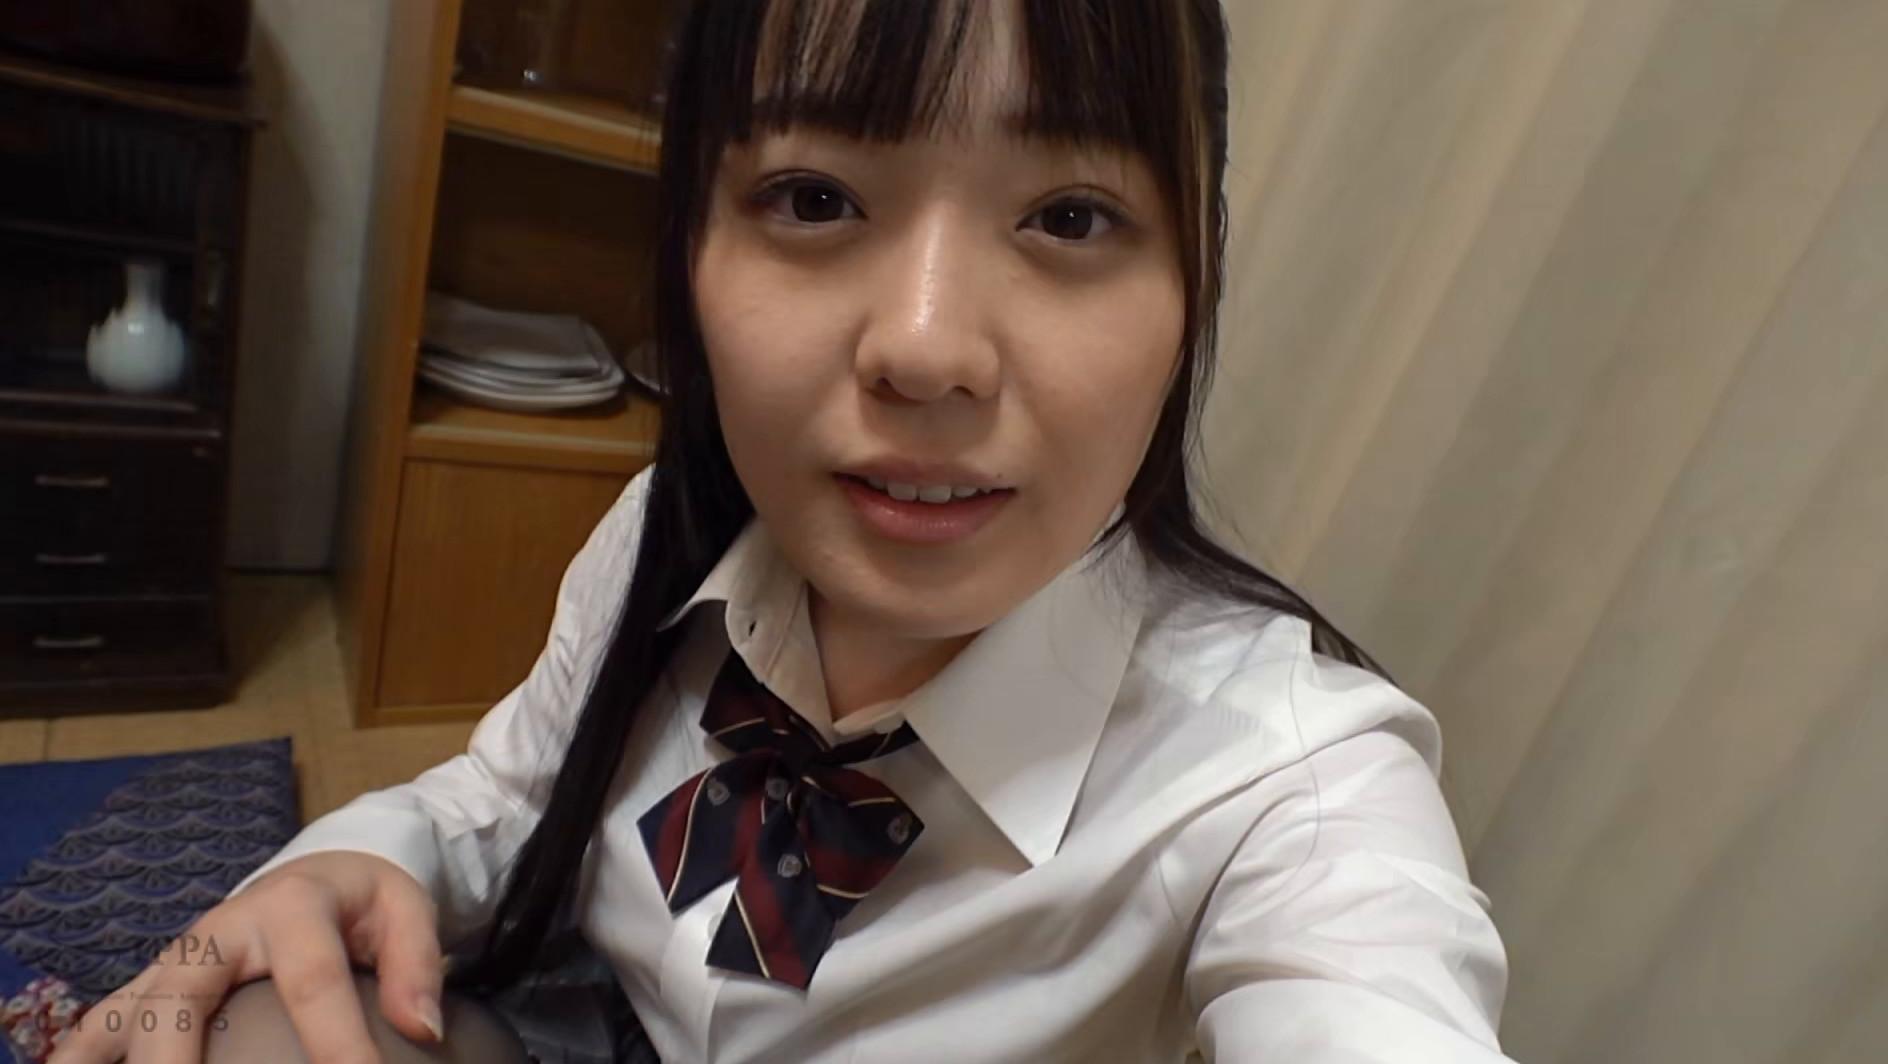 24人の黒ストッキング女子〇生自画撮りオナニー投稿映像 4時間 画像11